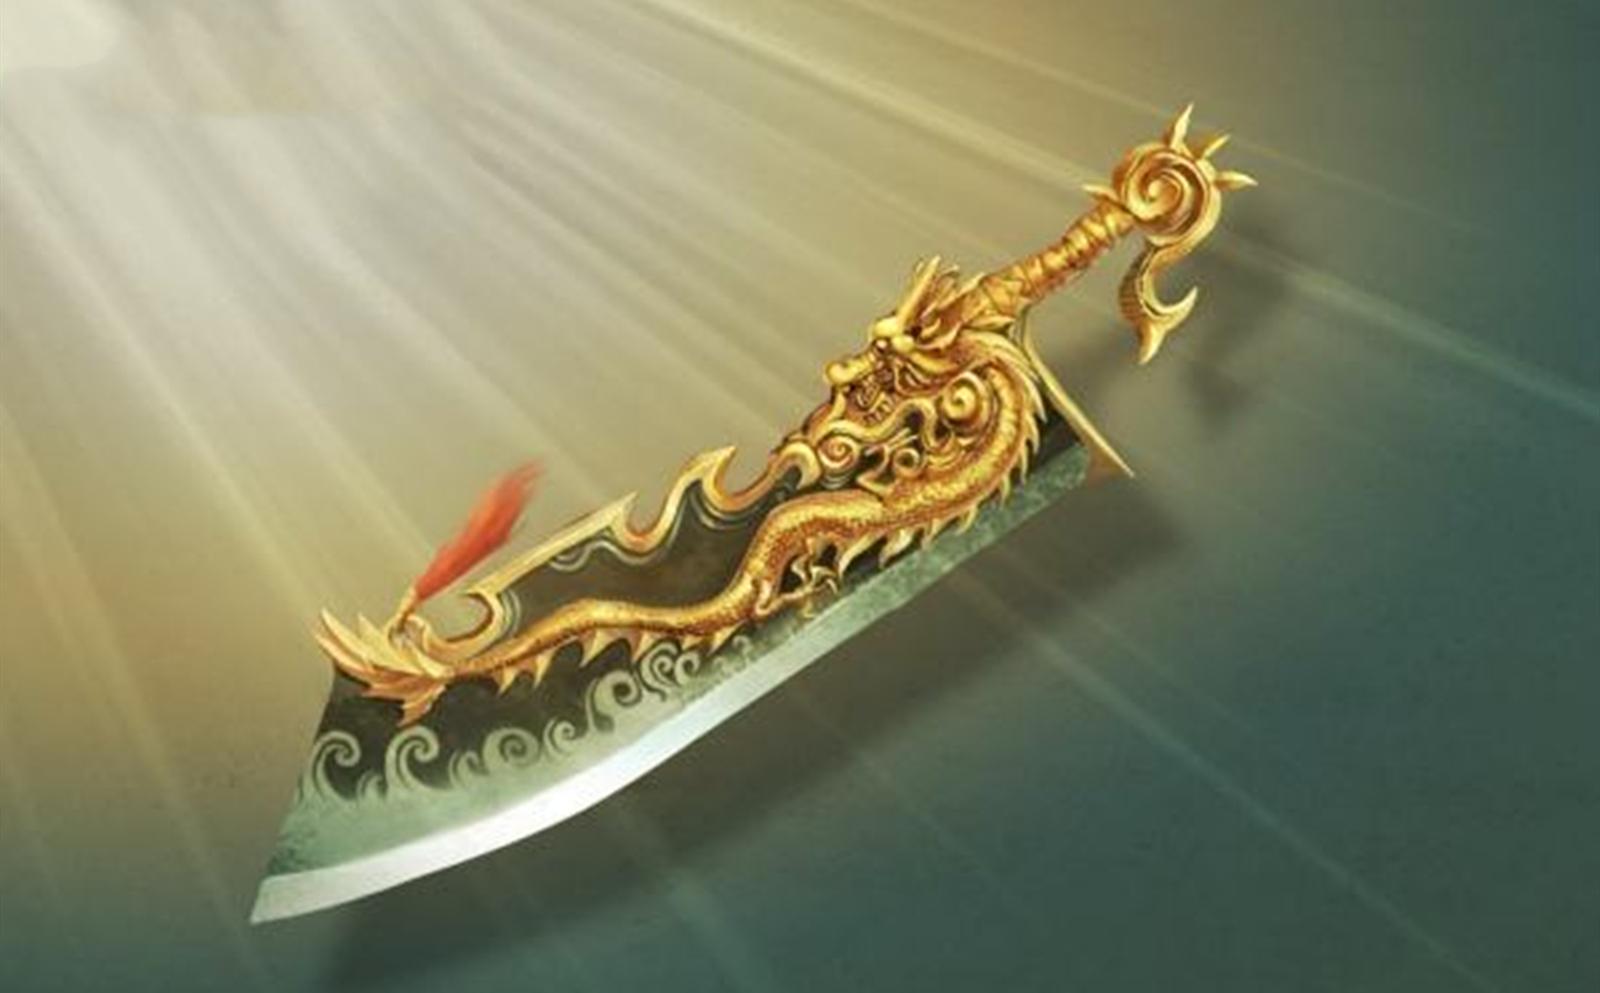 屠龙刀爆了动态图_《传奇》当年最稀有的武器,有玩家开出十几万的天价都买不到 ...